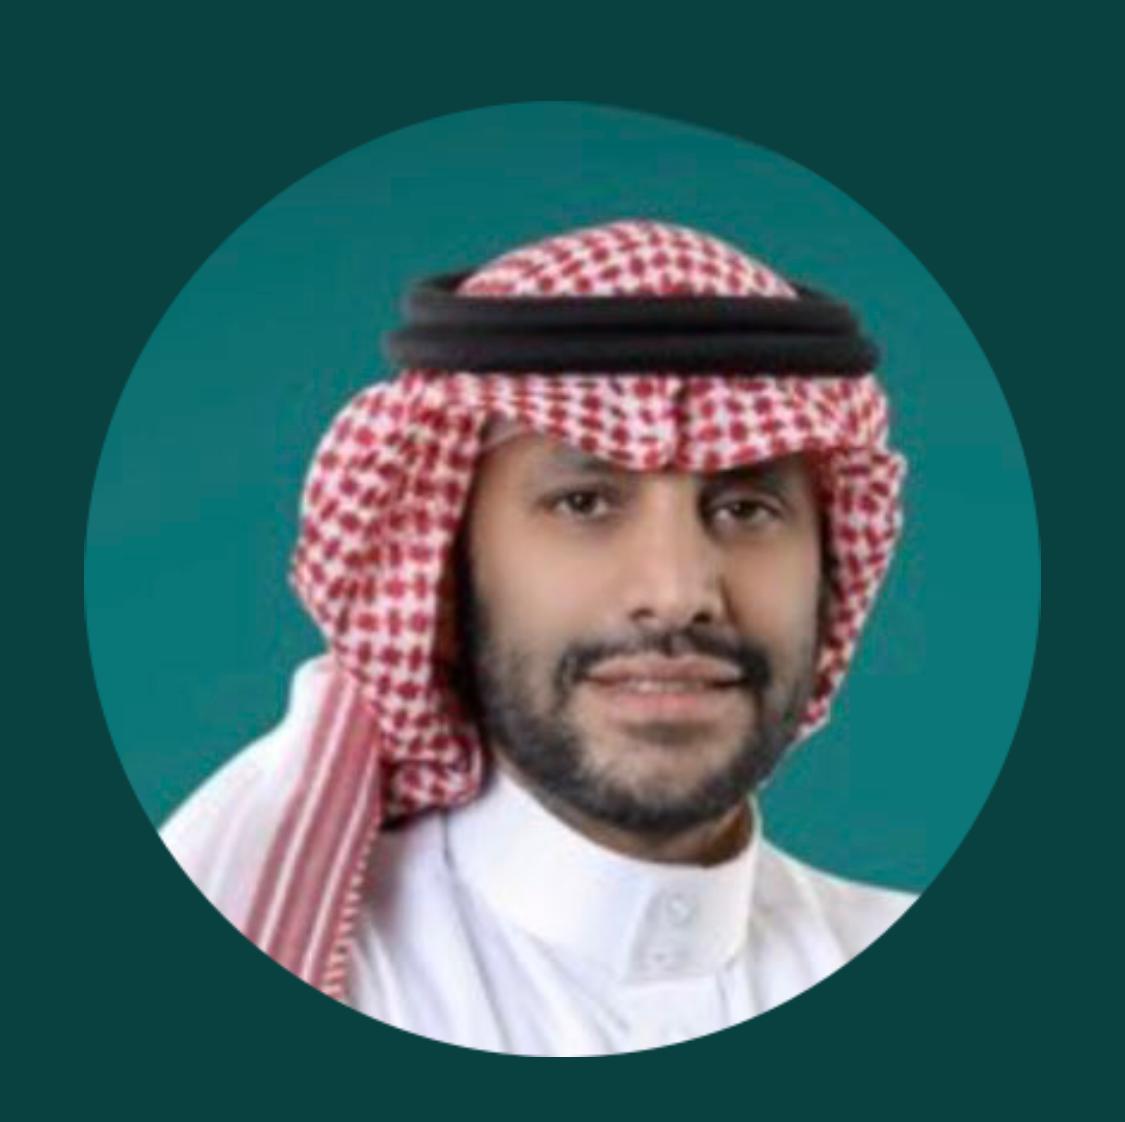 دكتور عبدالله العتيبي